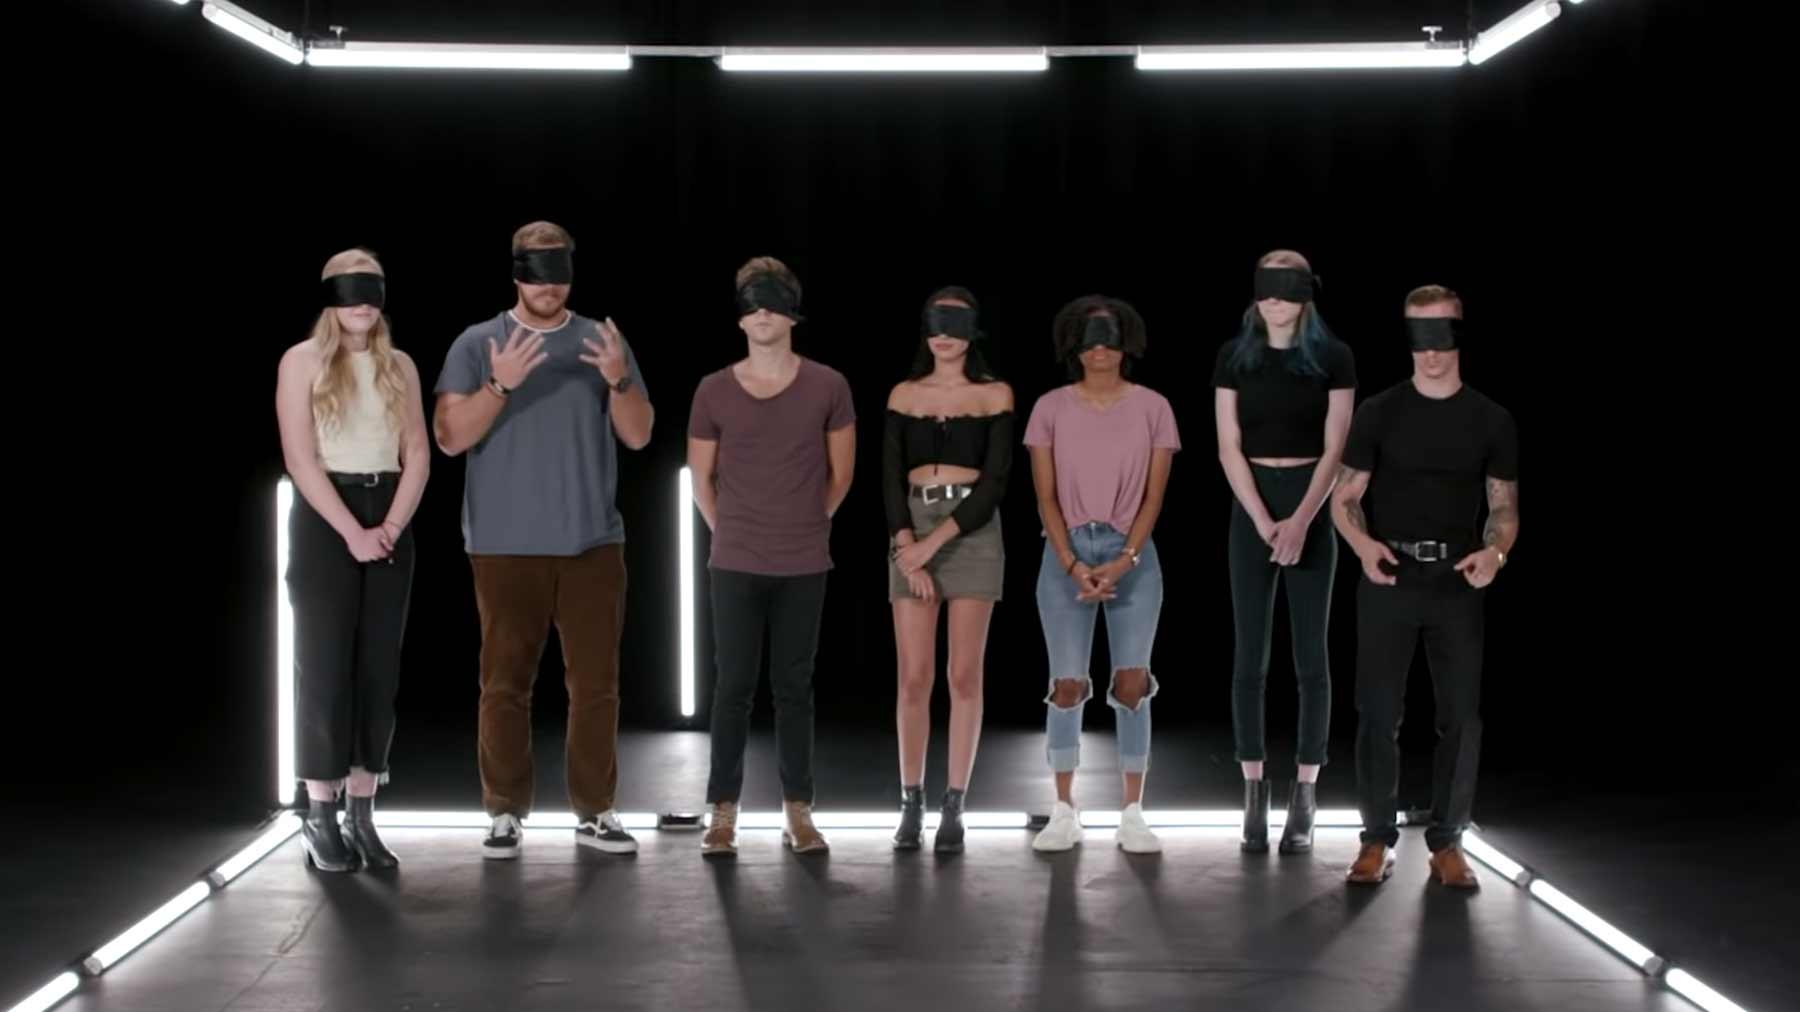 7 Augen-verbundene Personen raten, wer die dunkelhäutige von ihnen ist wer-ist-die-geheime-schwarze-person